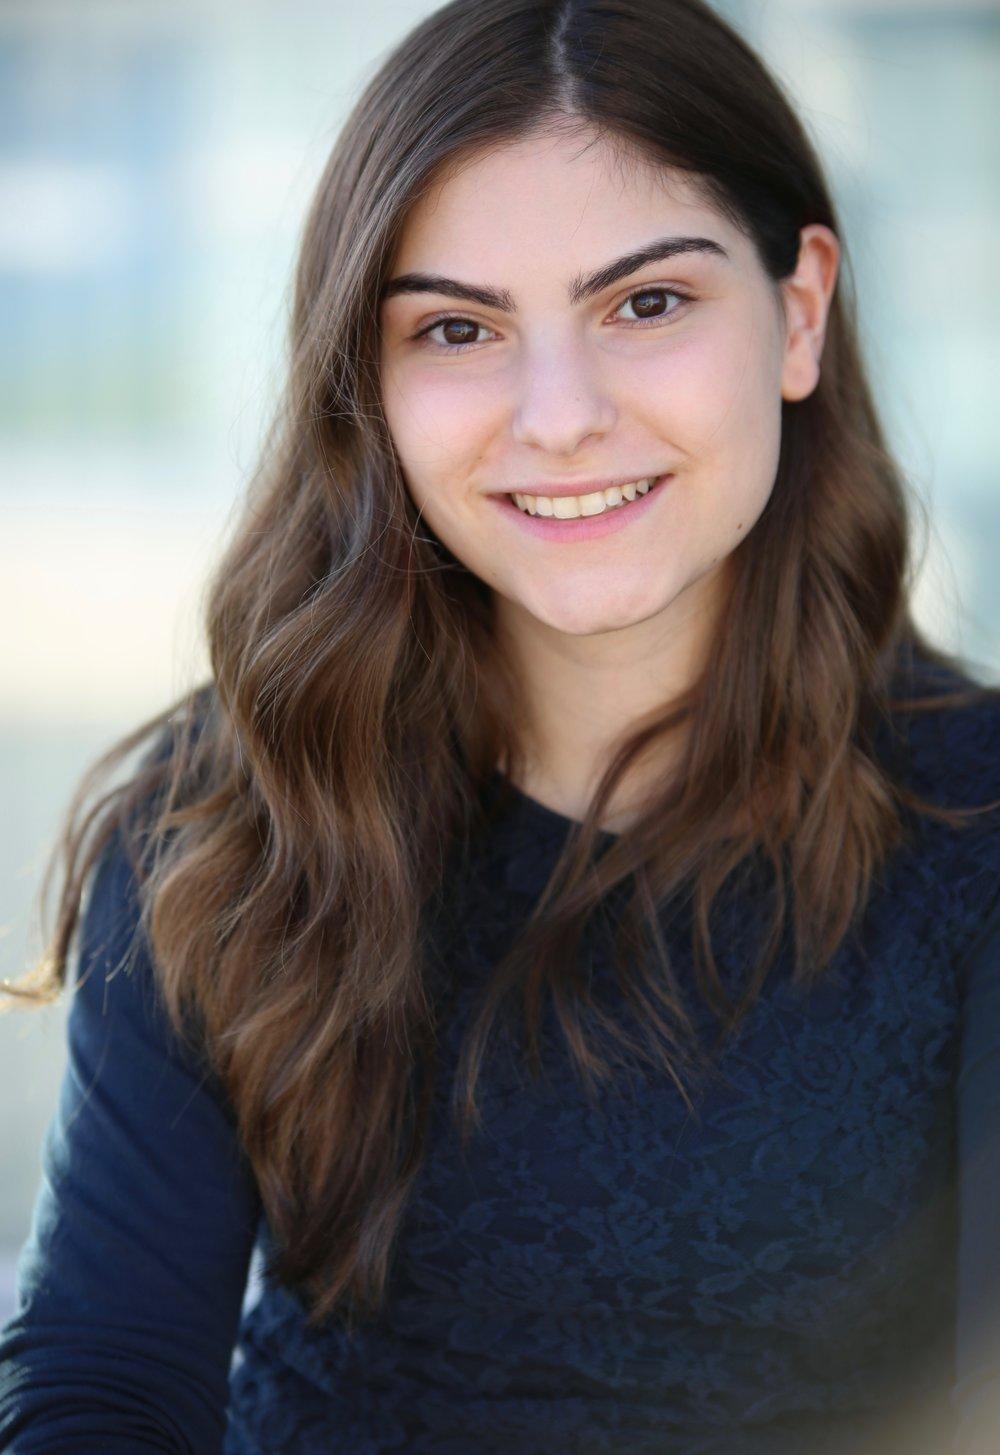 1F9A3026 - Elizabeth Baranes.jpeg